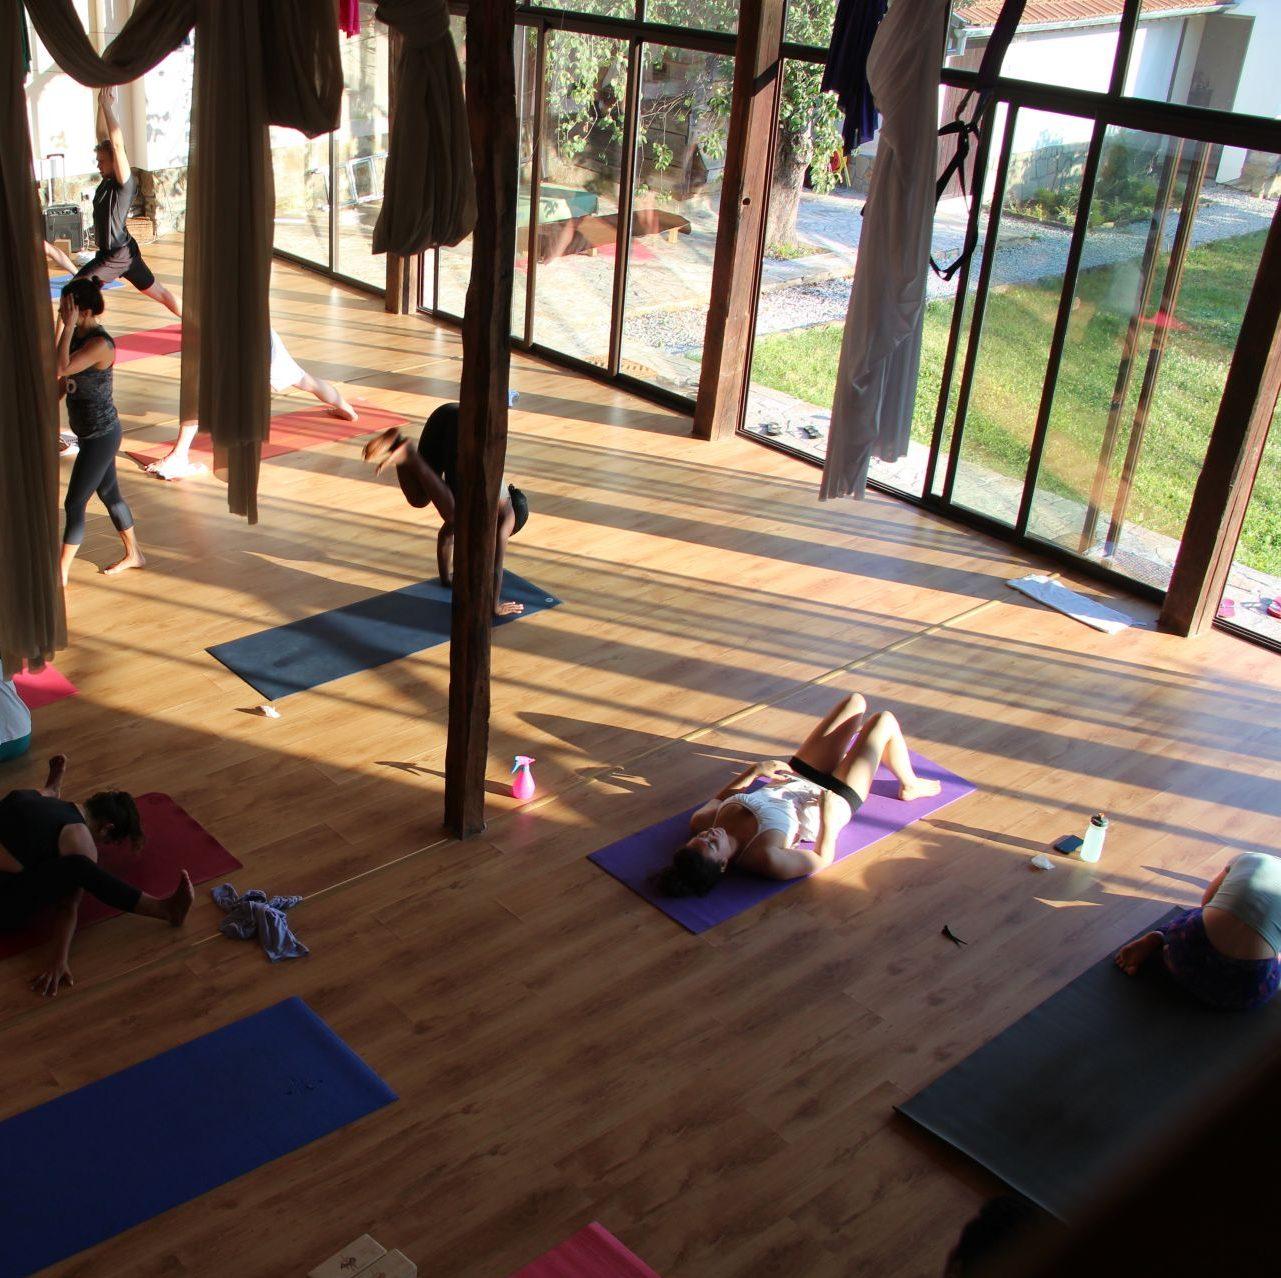 Yoga morning session in our yoga center in Veliko Tarnovo, Bulgaria